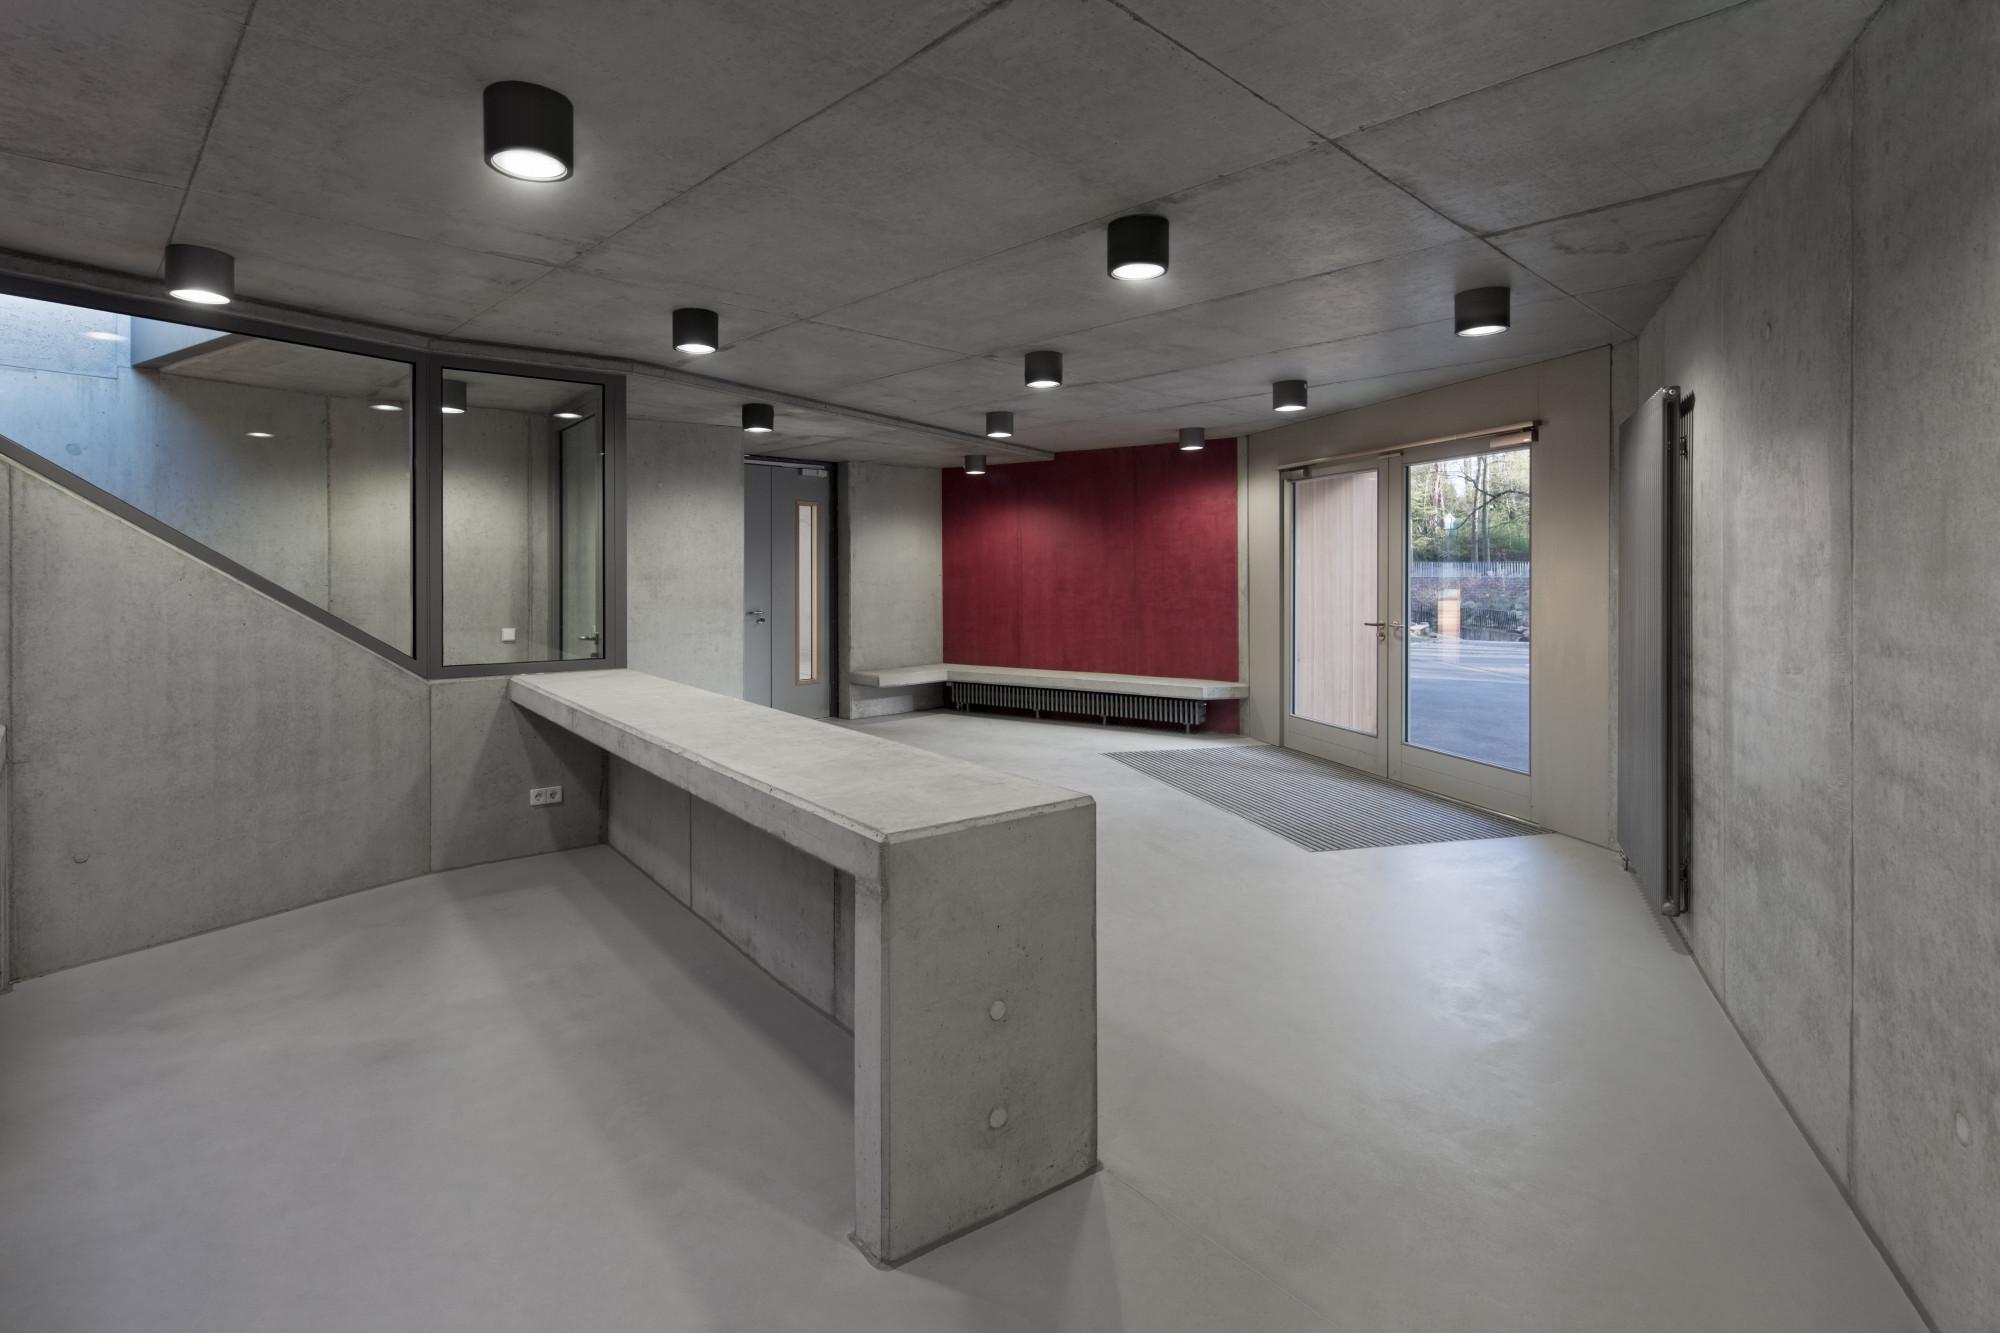 sport und mehrzweckhalle der rudolf steiner schule in berlin boden sport freizeit baunetz. Black Bedroom Furniture Sets. Home Design Ideas